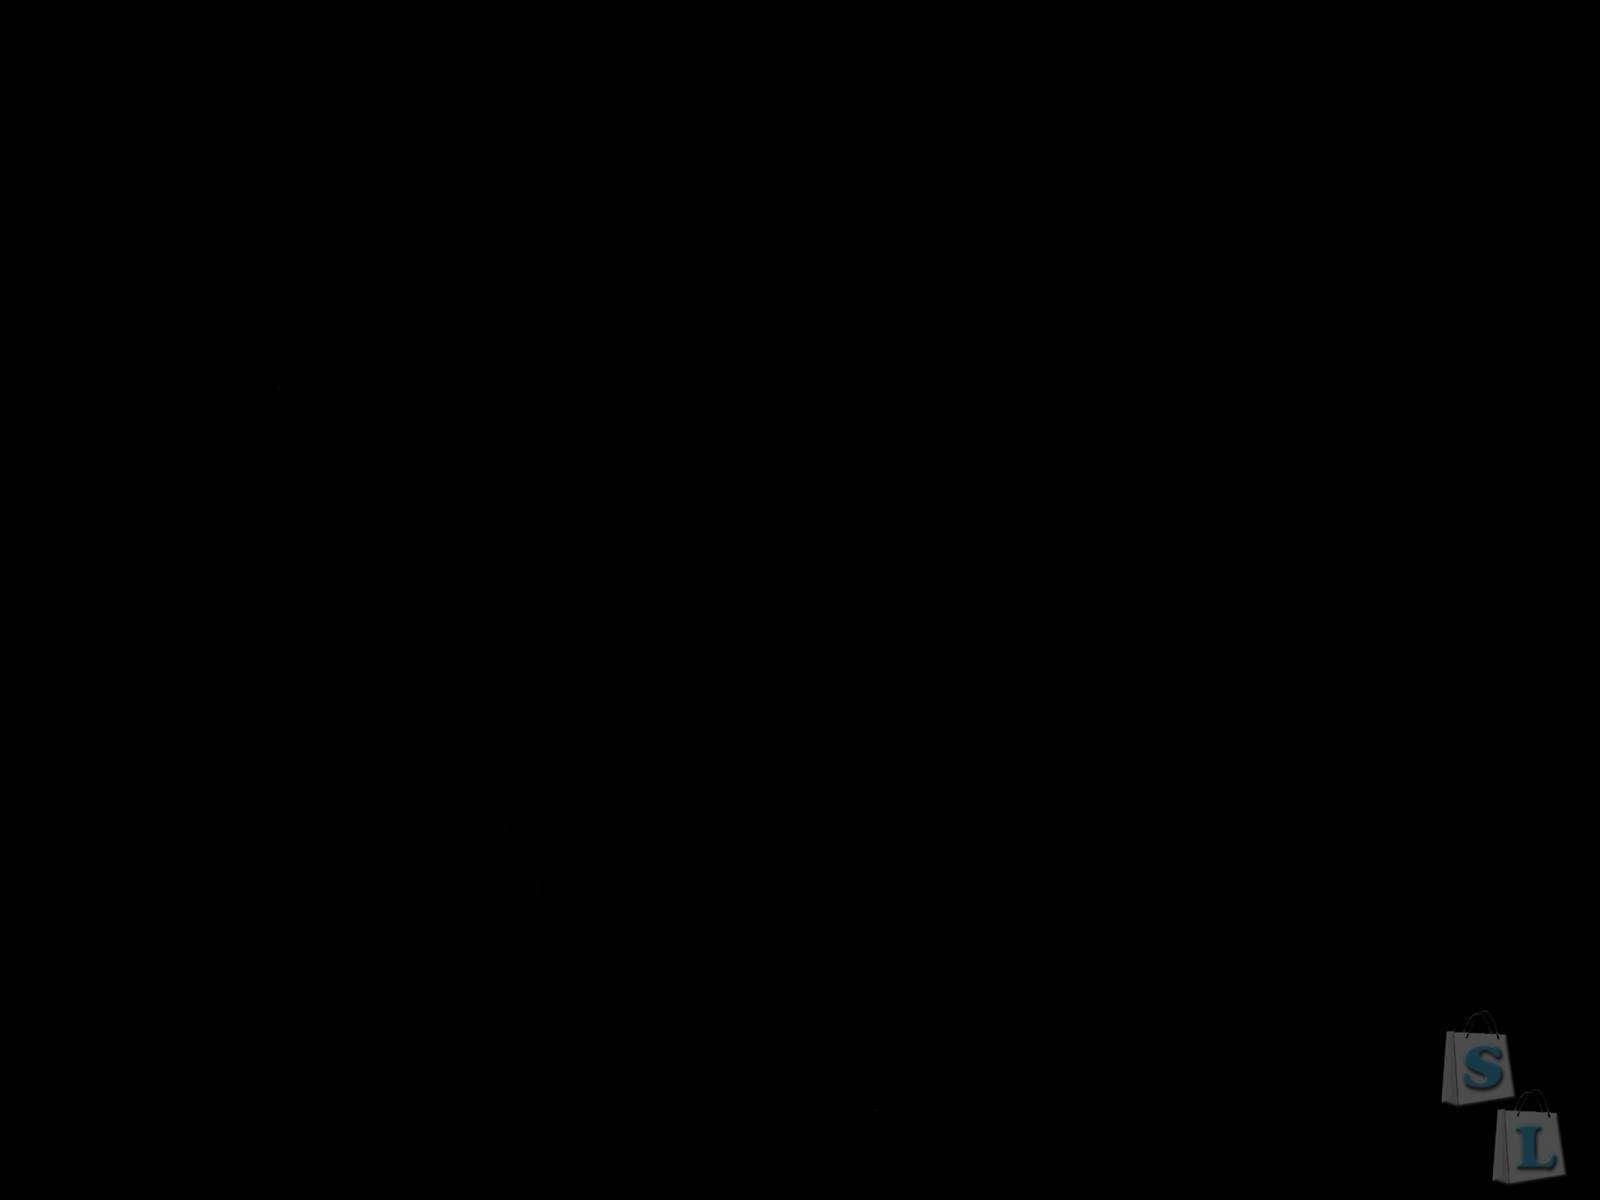 Banggood: Небольшой фонарик на каждый день - Ultrafire CREE XML T6 1600LM 5 режимов